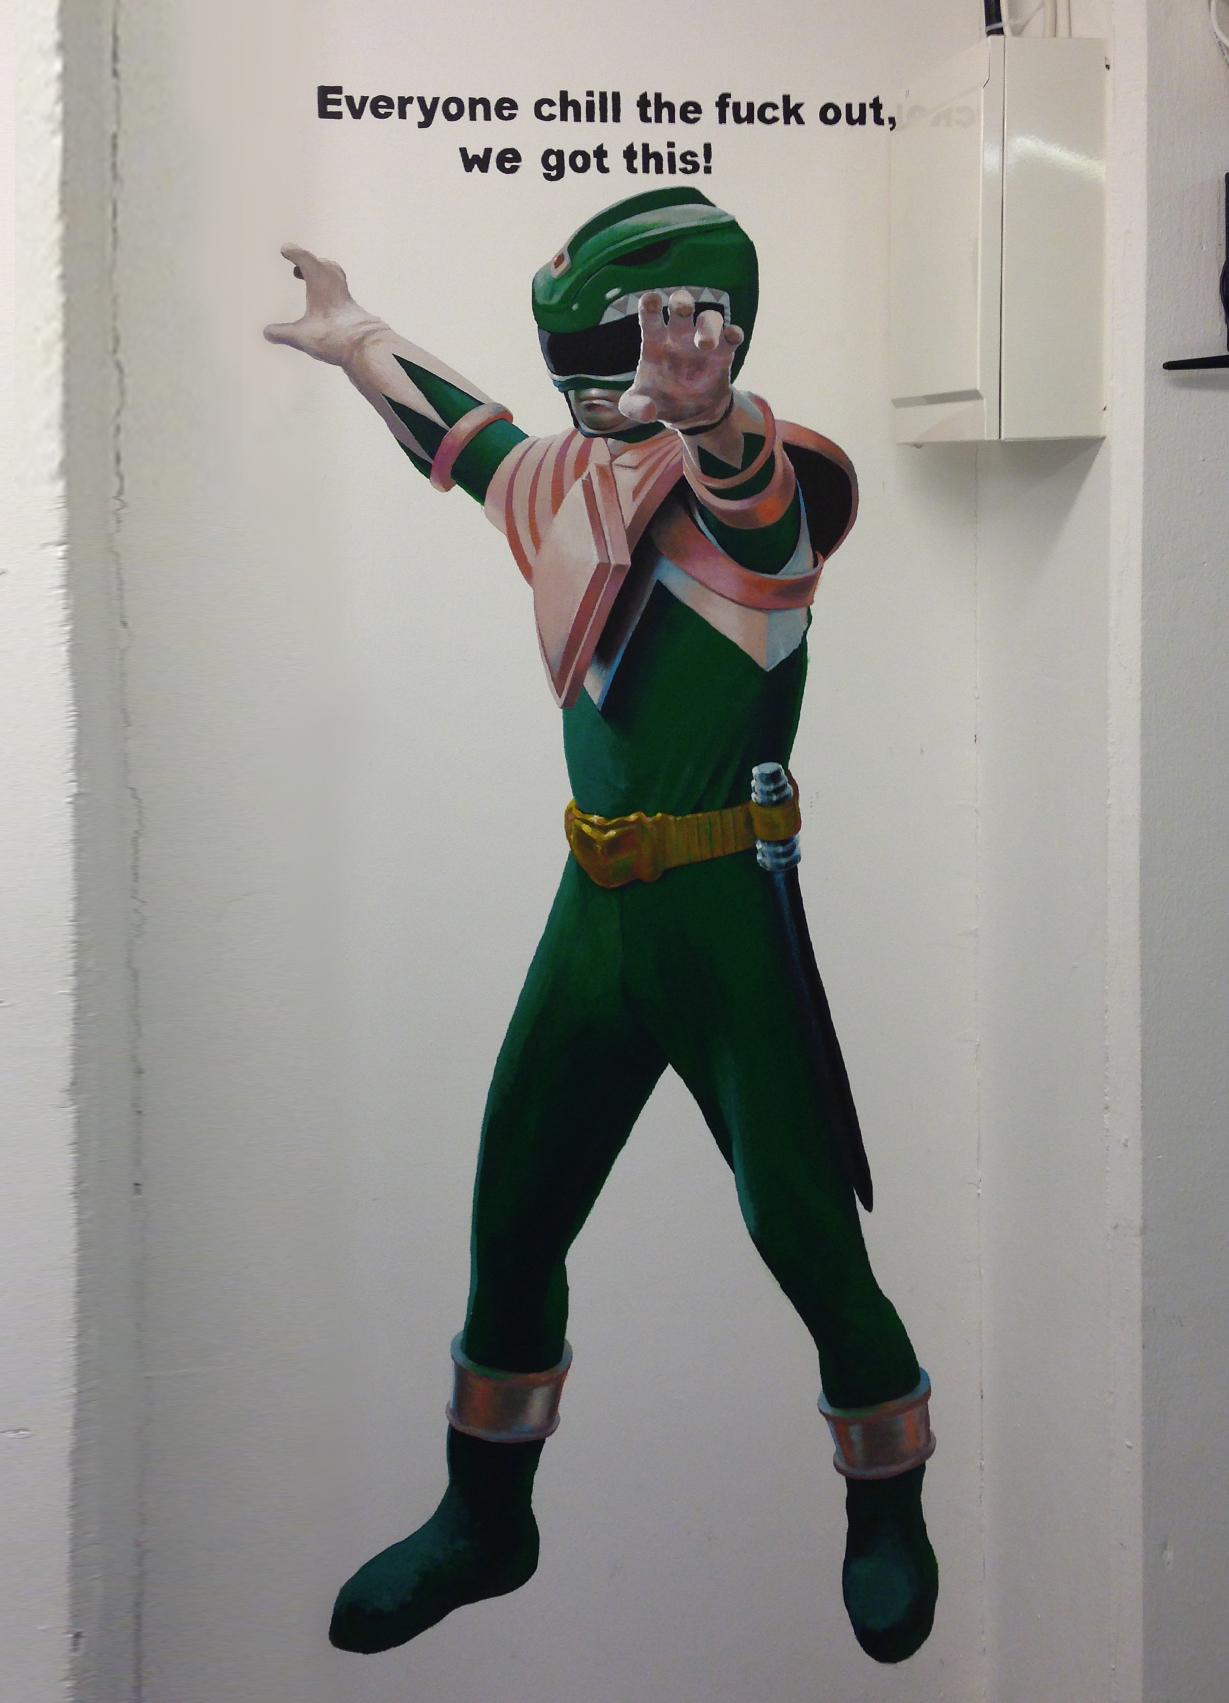 Green power ranger.jpg